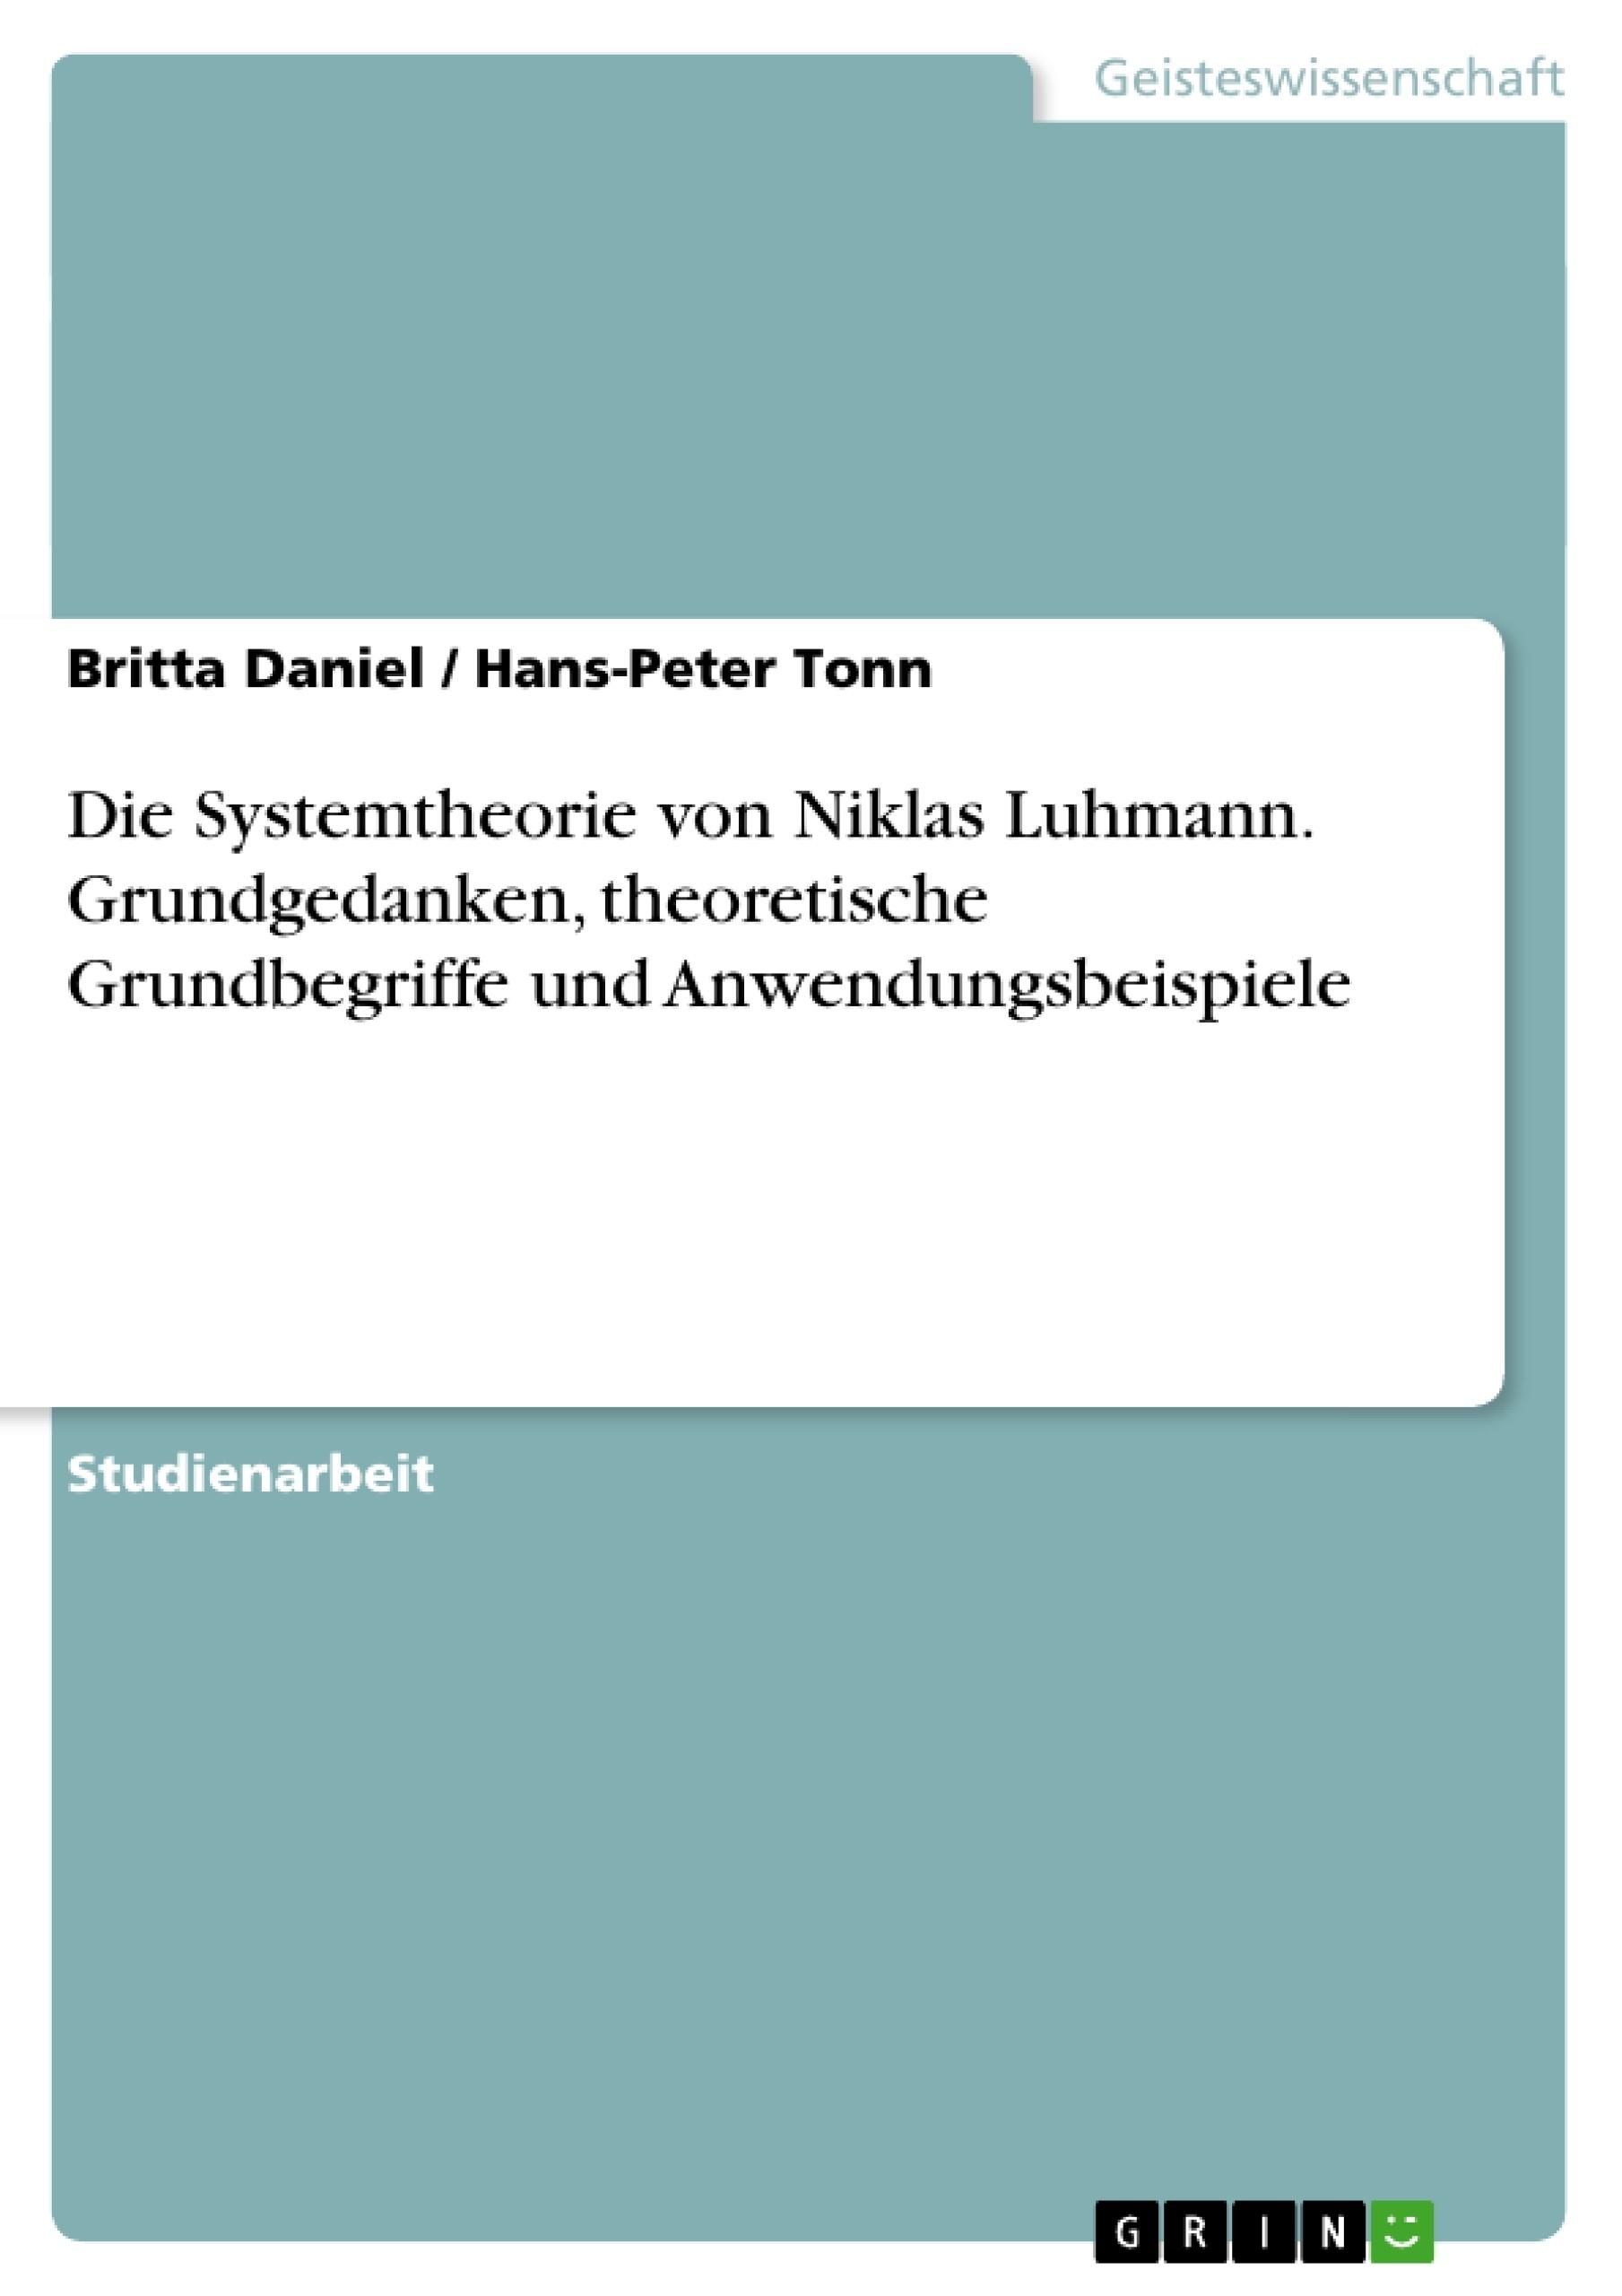 Titel: Die Systemtheorie von Niklas Luhmann. Grundgedanken, theoretische Grundbegriffe und Anwendungsbeispiele